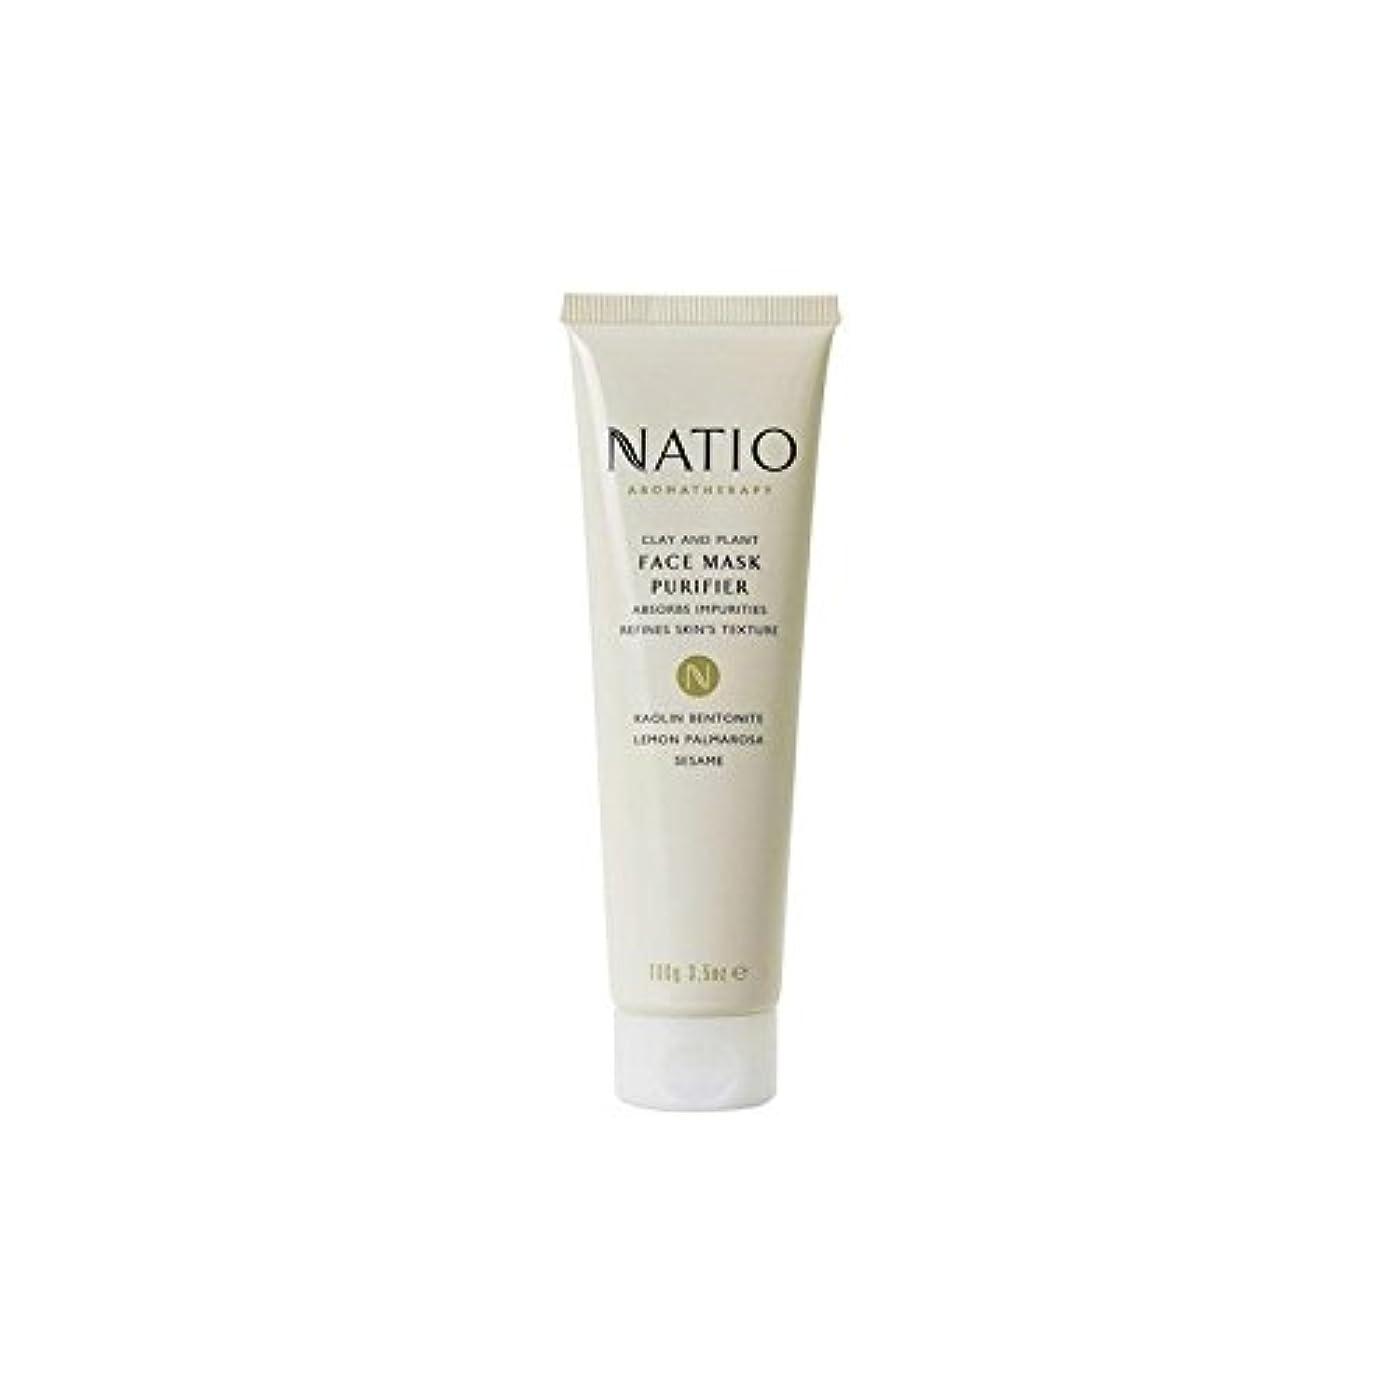 ハシーチップ暴力粘土&植物フェイスマスクの浄化(100グラム) x4 - Natio Clay & Plant Face Mask Purifier (100G) (Pack of 4) [並行輸入品]